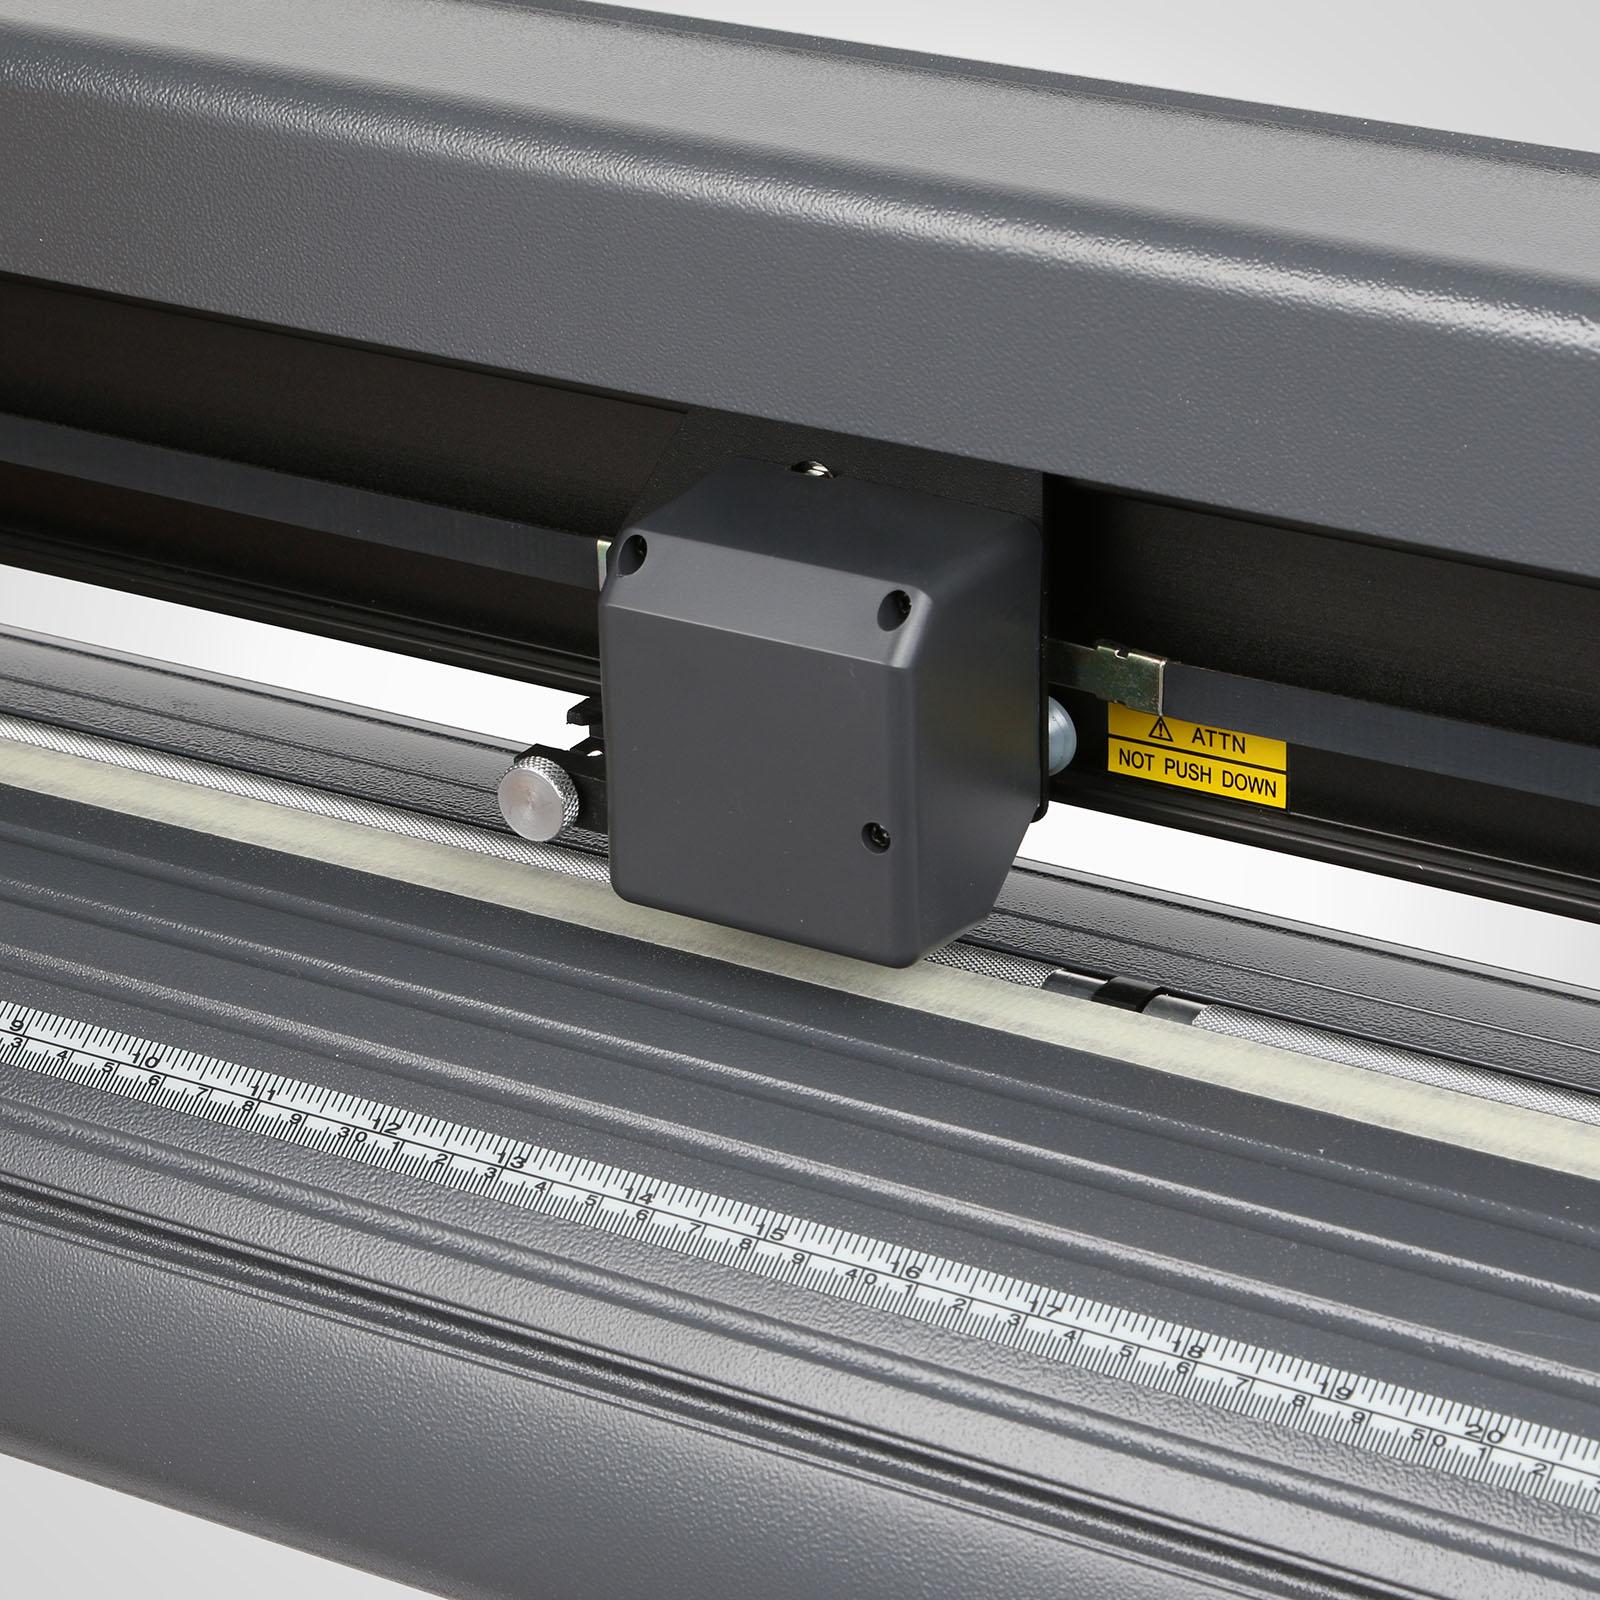 VINYL CUTTER SIGN CUTTING PLOTTER WSTAND DESIGNCUT PRINTER - Vinyl sign cutters